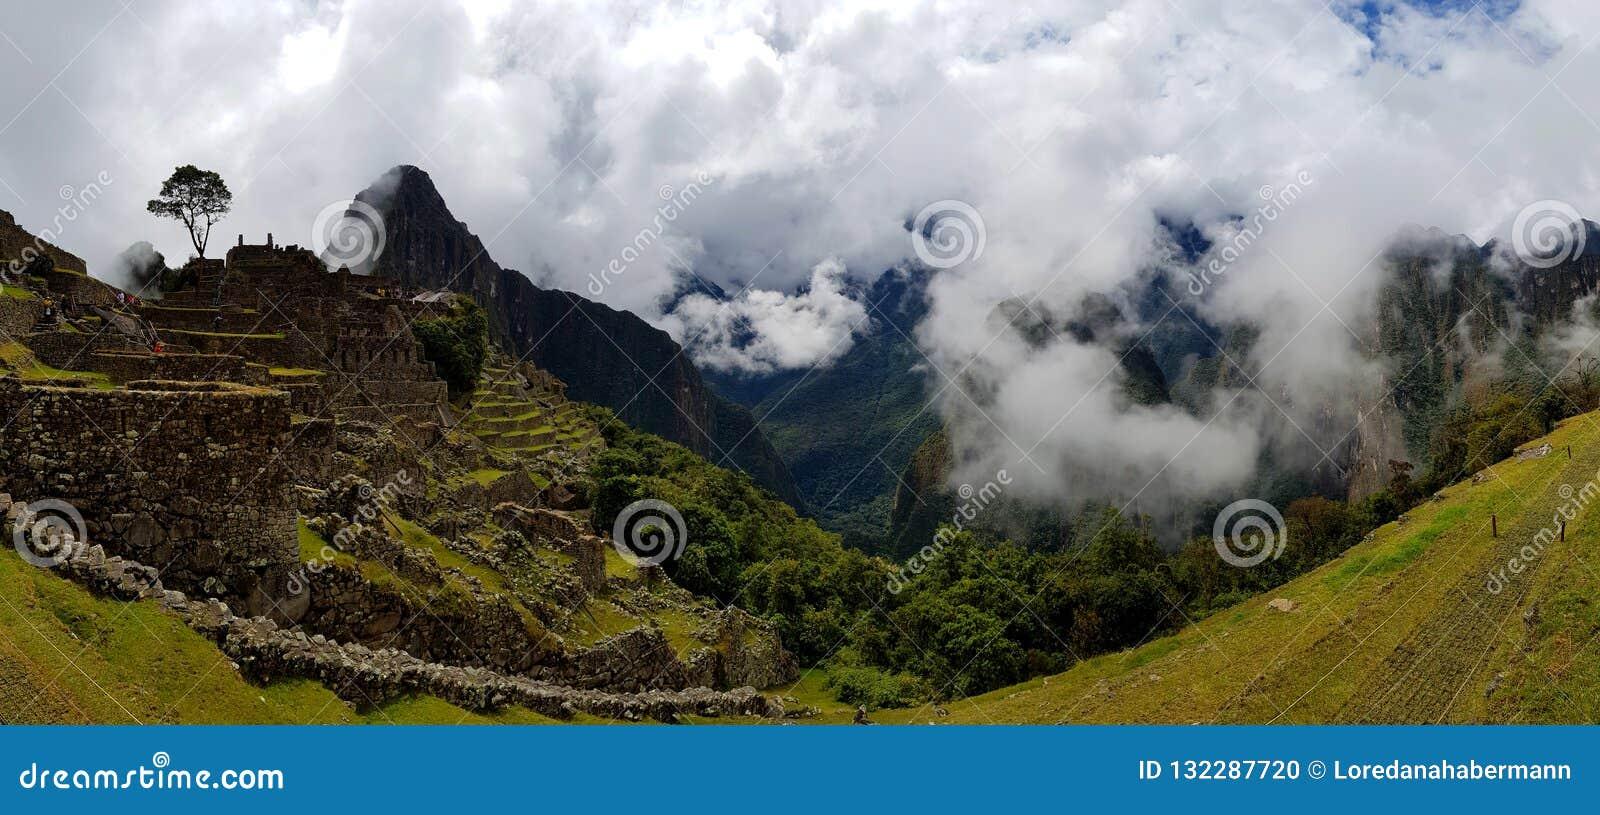 Machu Picchu, Incnca-Ruinen in den peruanischen Anden